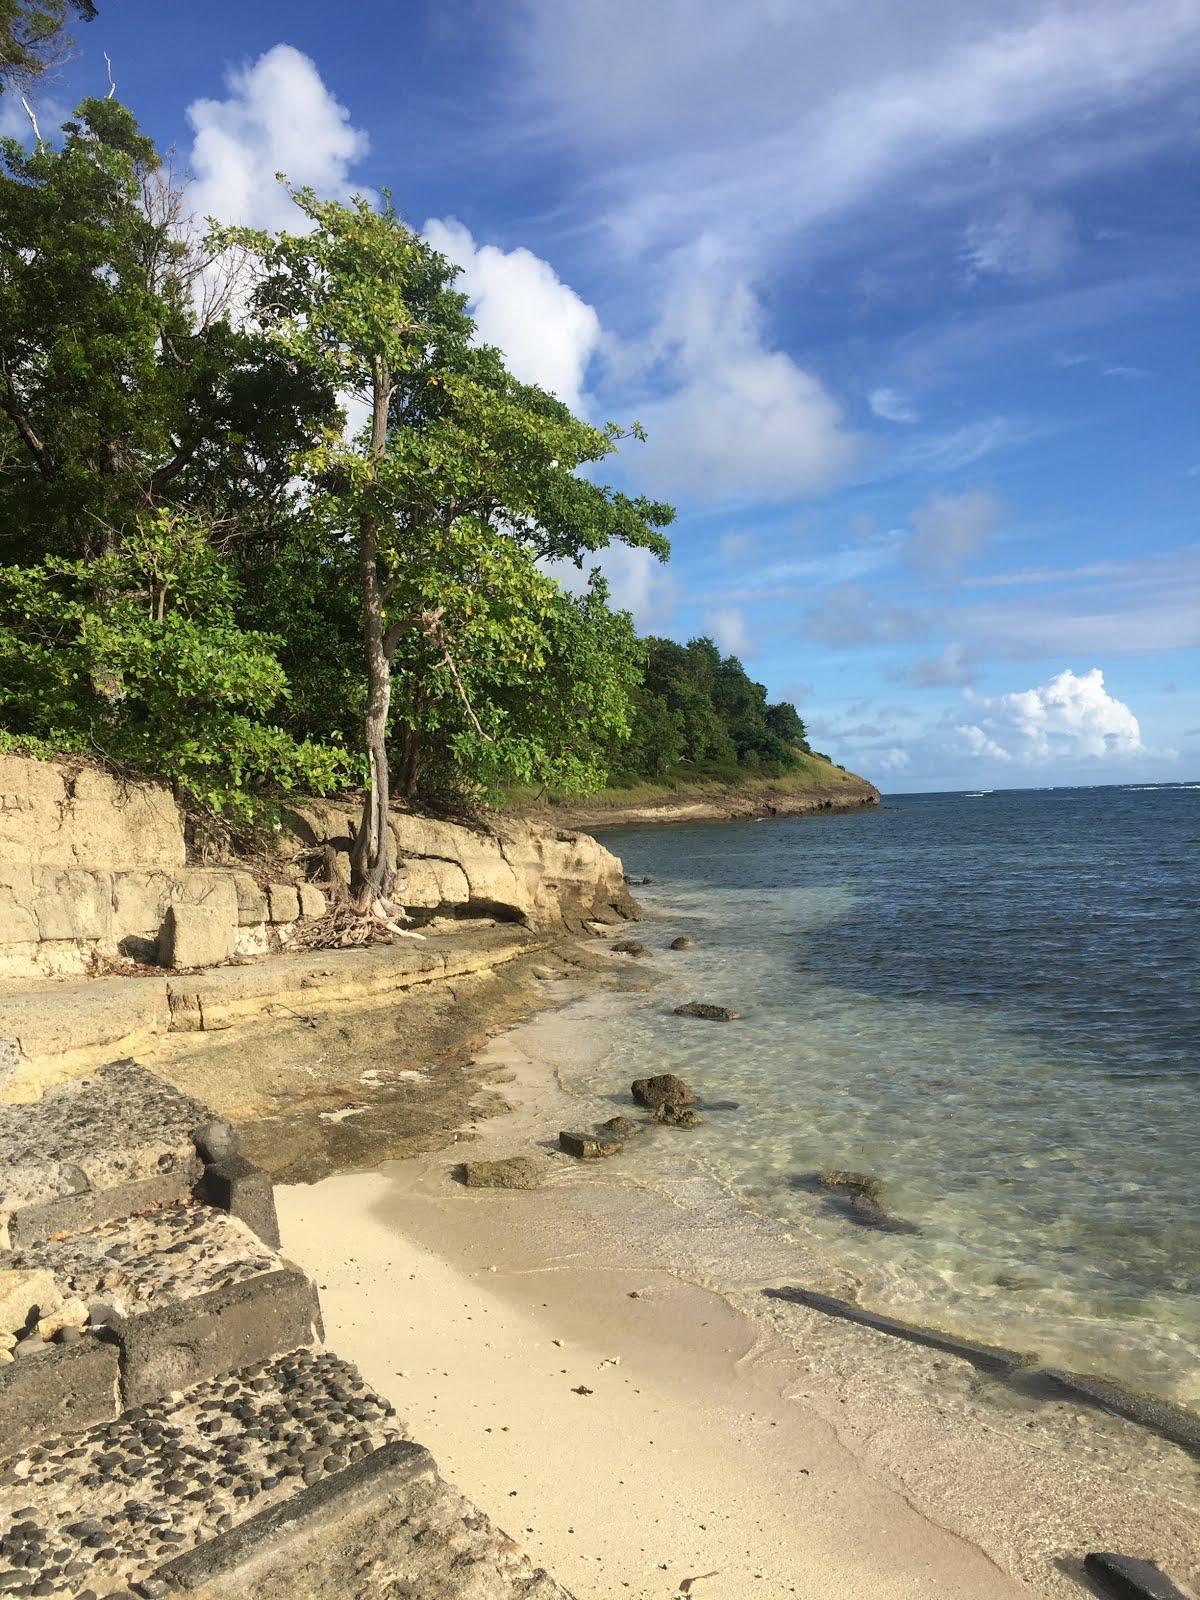 l'ilet thierry est l'une des plus belles plages de martinique